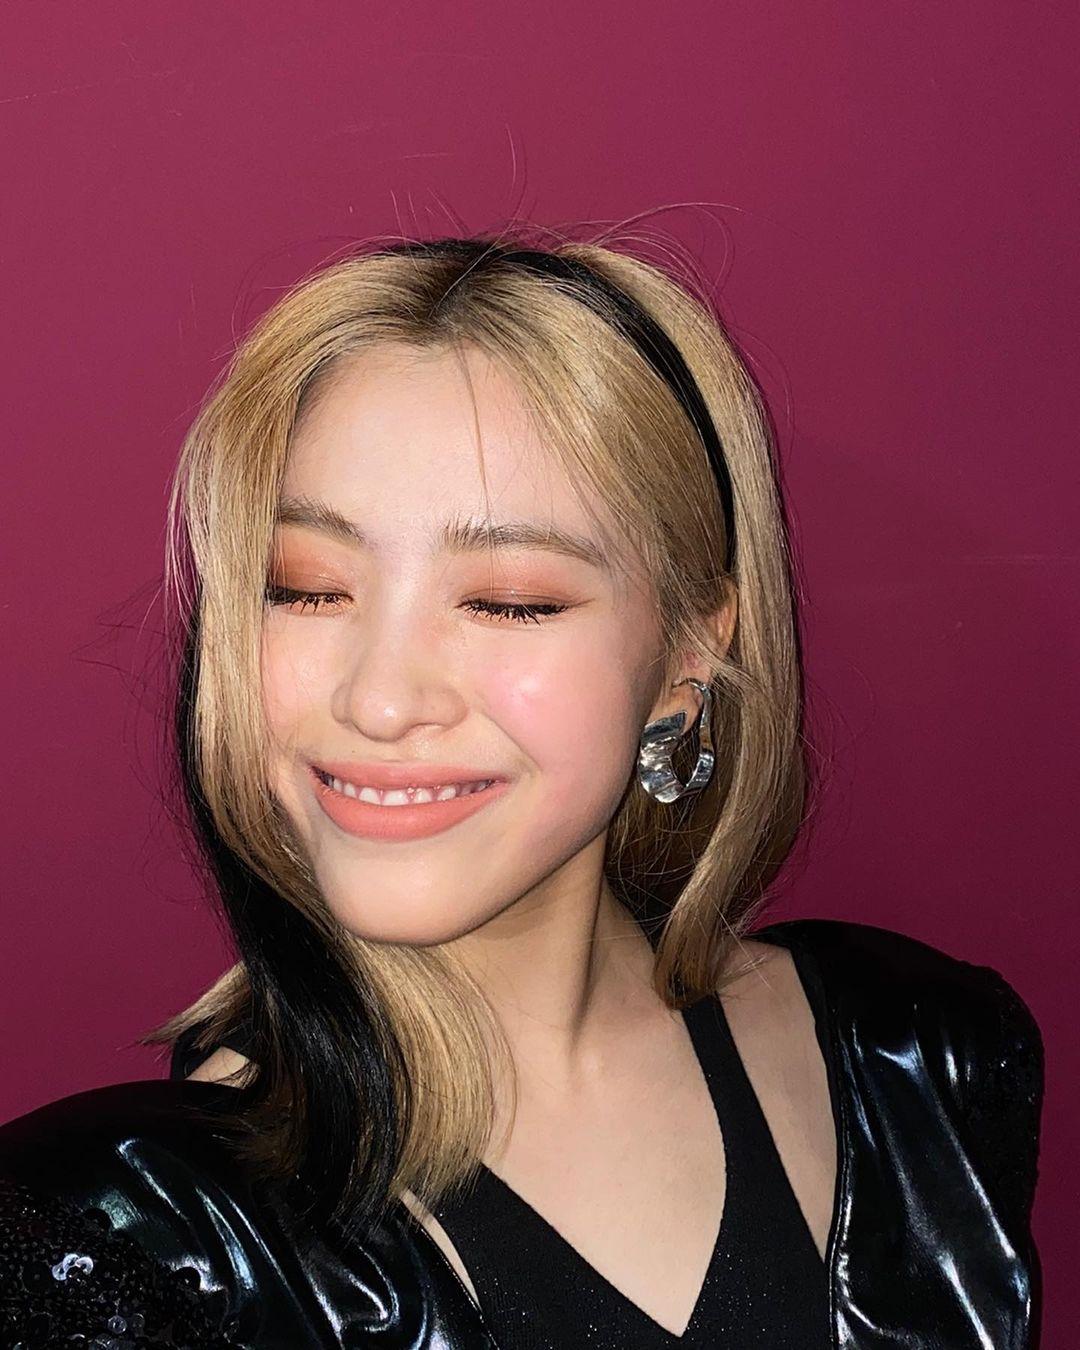 Phần tóc giả màu nổi bần bật so với nền tóc không những không giúp mỹ nhân ITZY thăng hạng nhan sắc mà còn khiến cô nàng trông sến sẩm, kém sang. Nhiều khán giả tức điên với stylist của JYP vì những màn sáng tạo đi vào lòng đất.